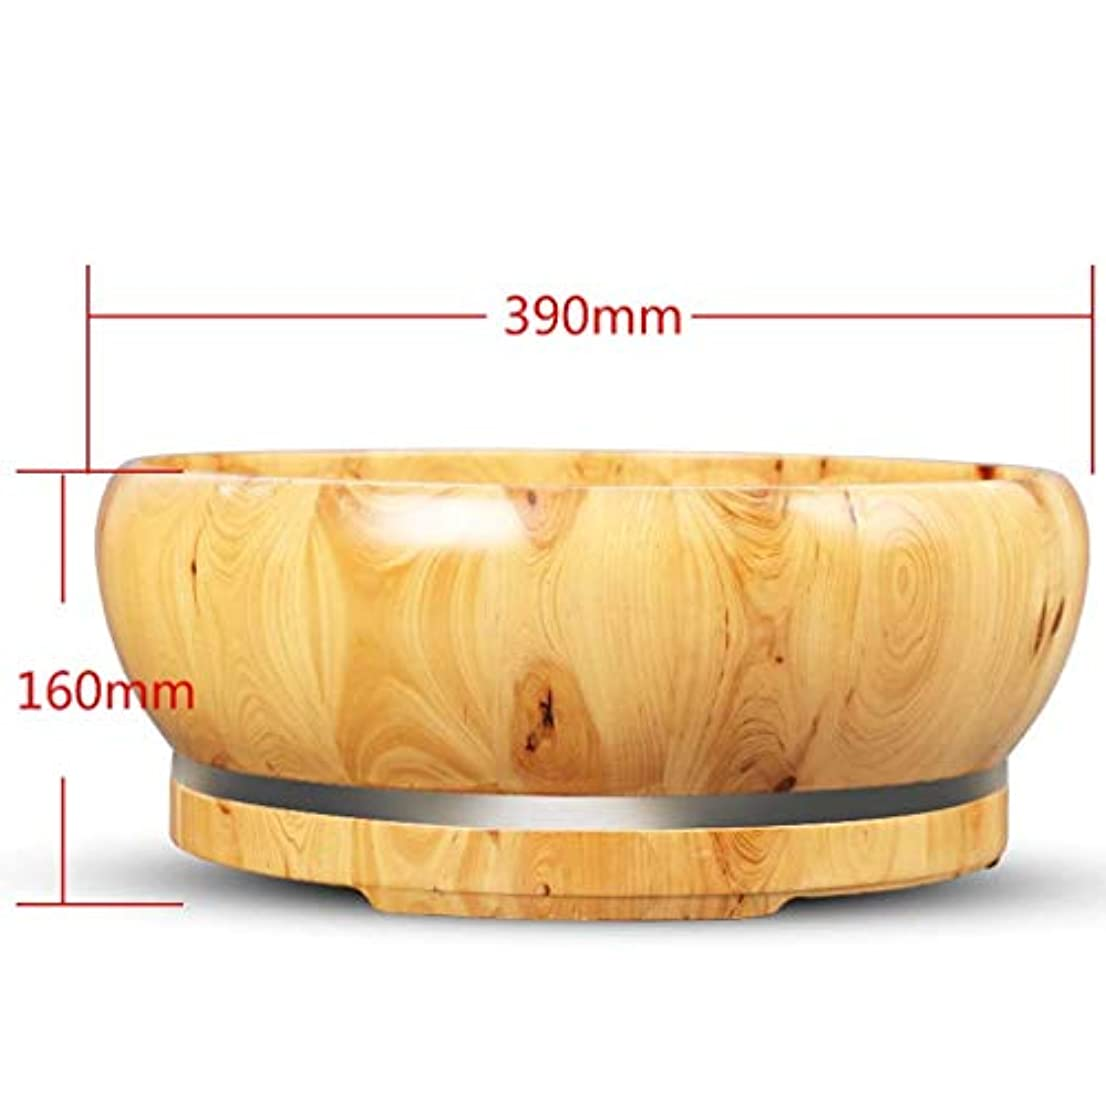 マットレス情熱棚ス浴槽 フットスパ浴槽、木製フットバスボウル家庭用洗面器Fu蒸バレルフットケア浴槽バケットペディキュア肥厚断熱ボウル美容 (Color : Cedar B)